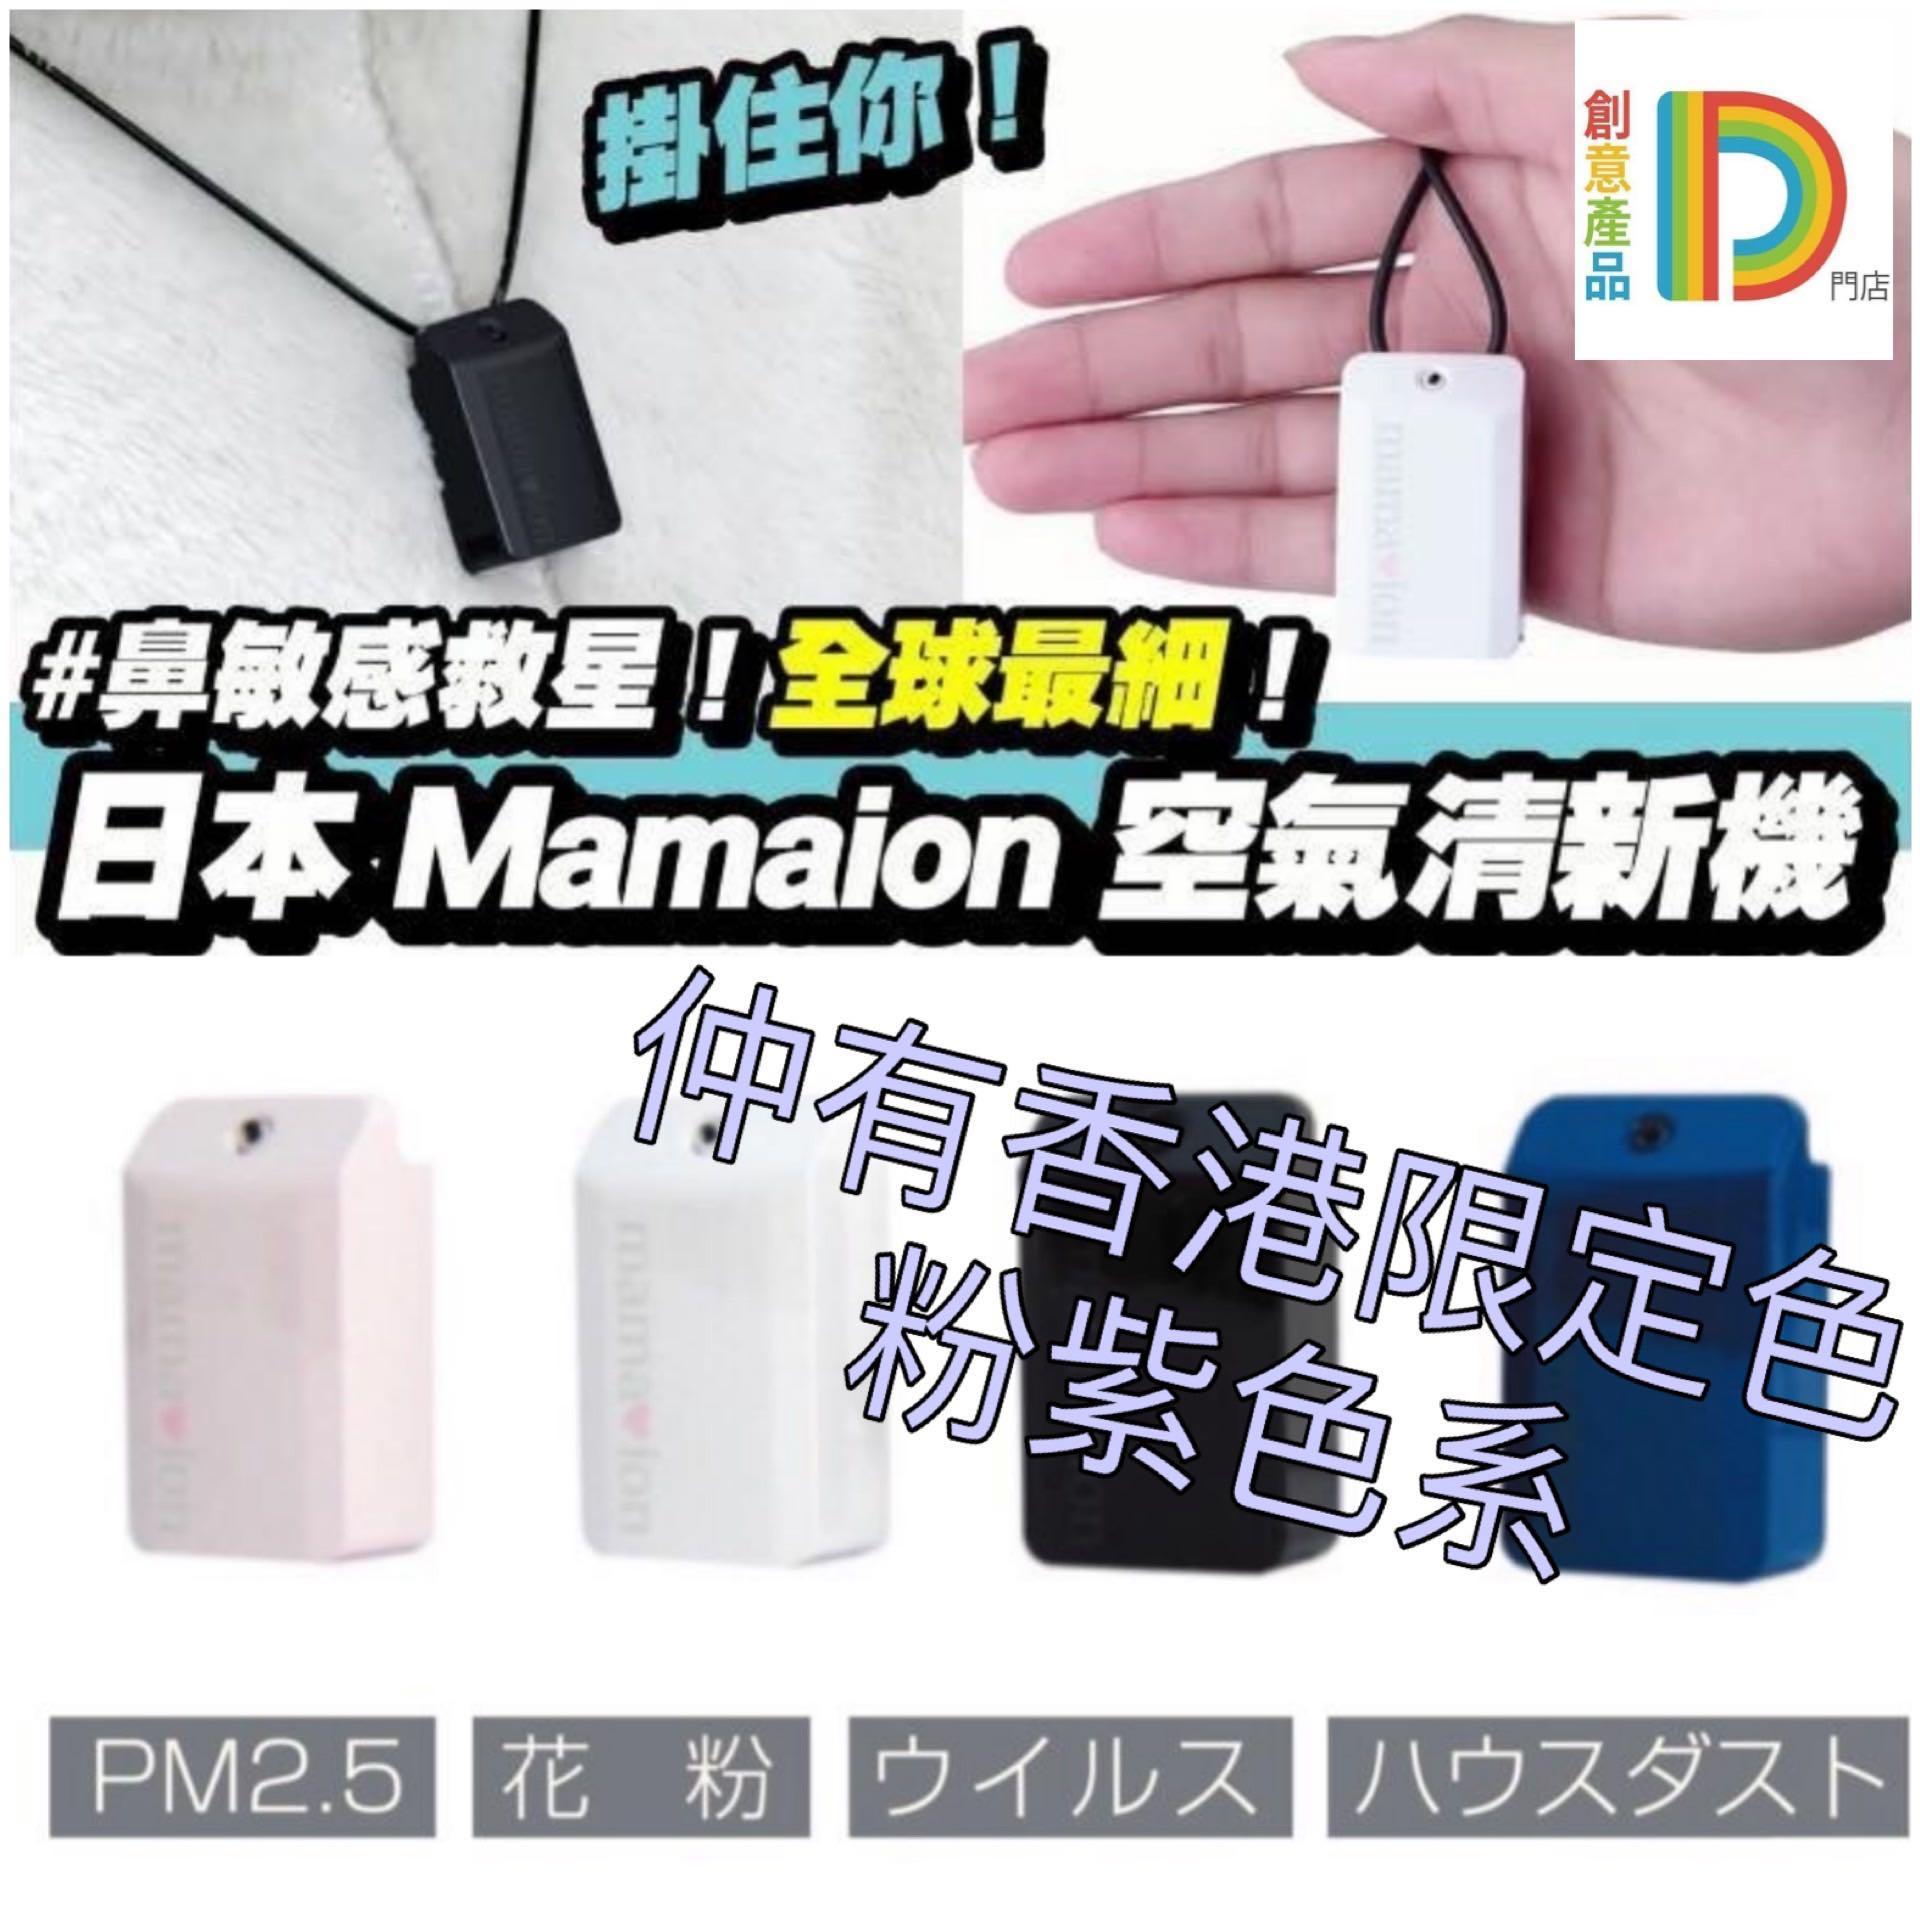 日本製🇯🇵Mamaion Lips超輕量隨身空氣清淨機